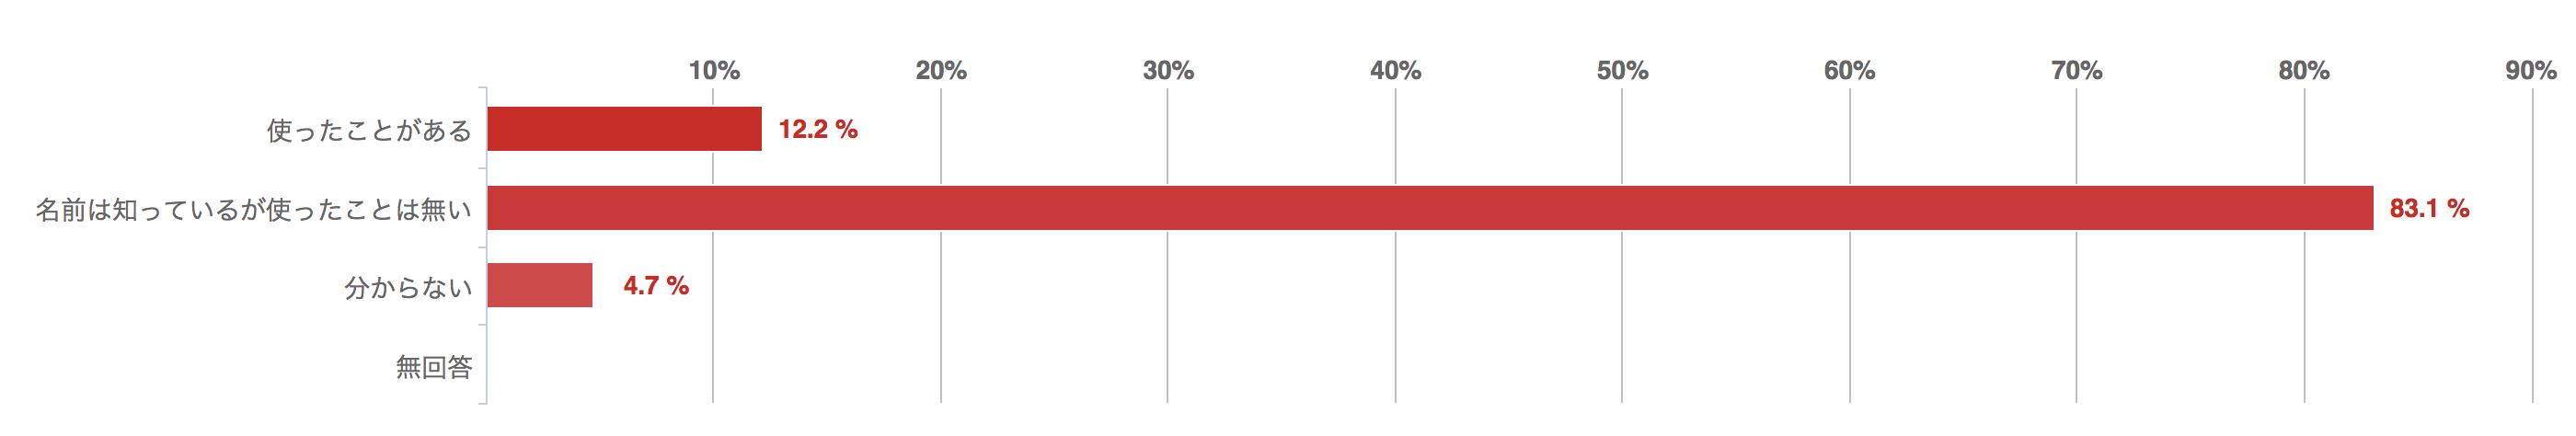 あなたは「カードローン」を使ったことがありますか?回答グラフ